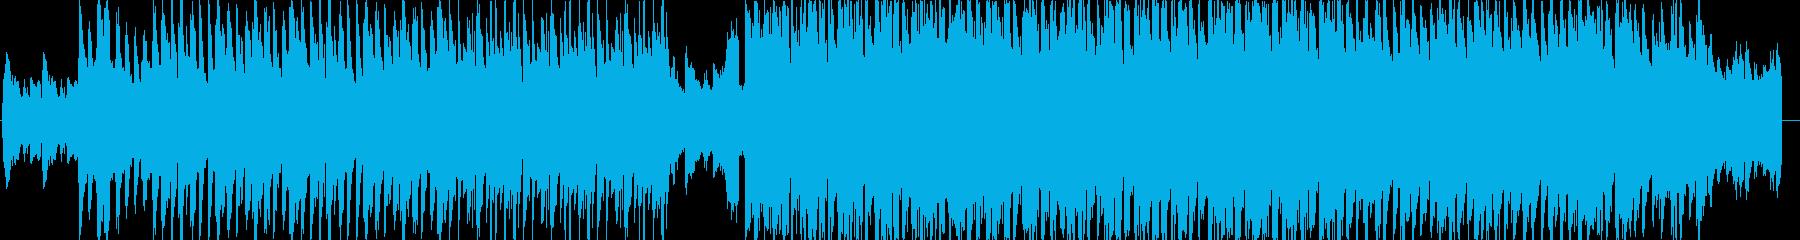 先進的でオシャレな雰囲気の電子音楽の再生済みの波形